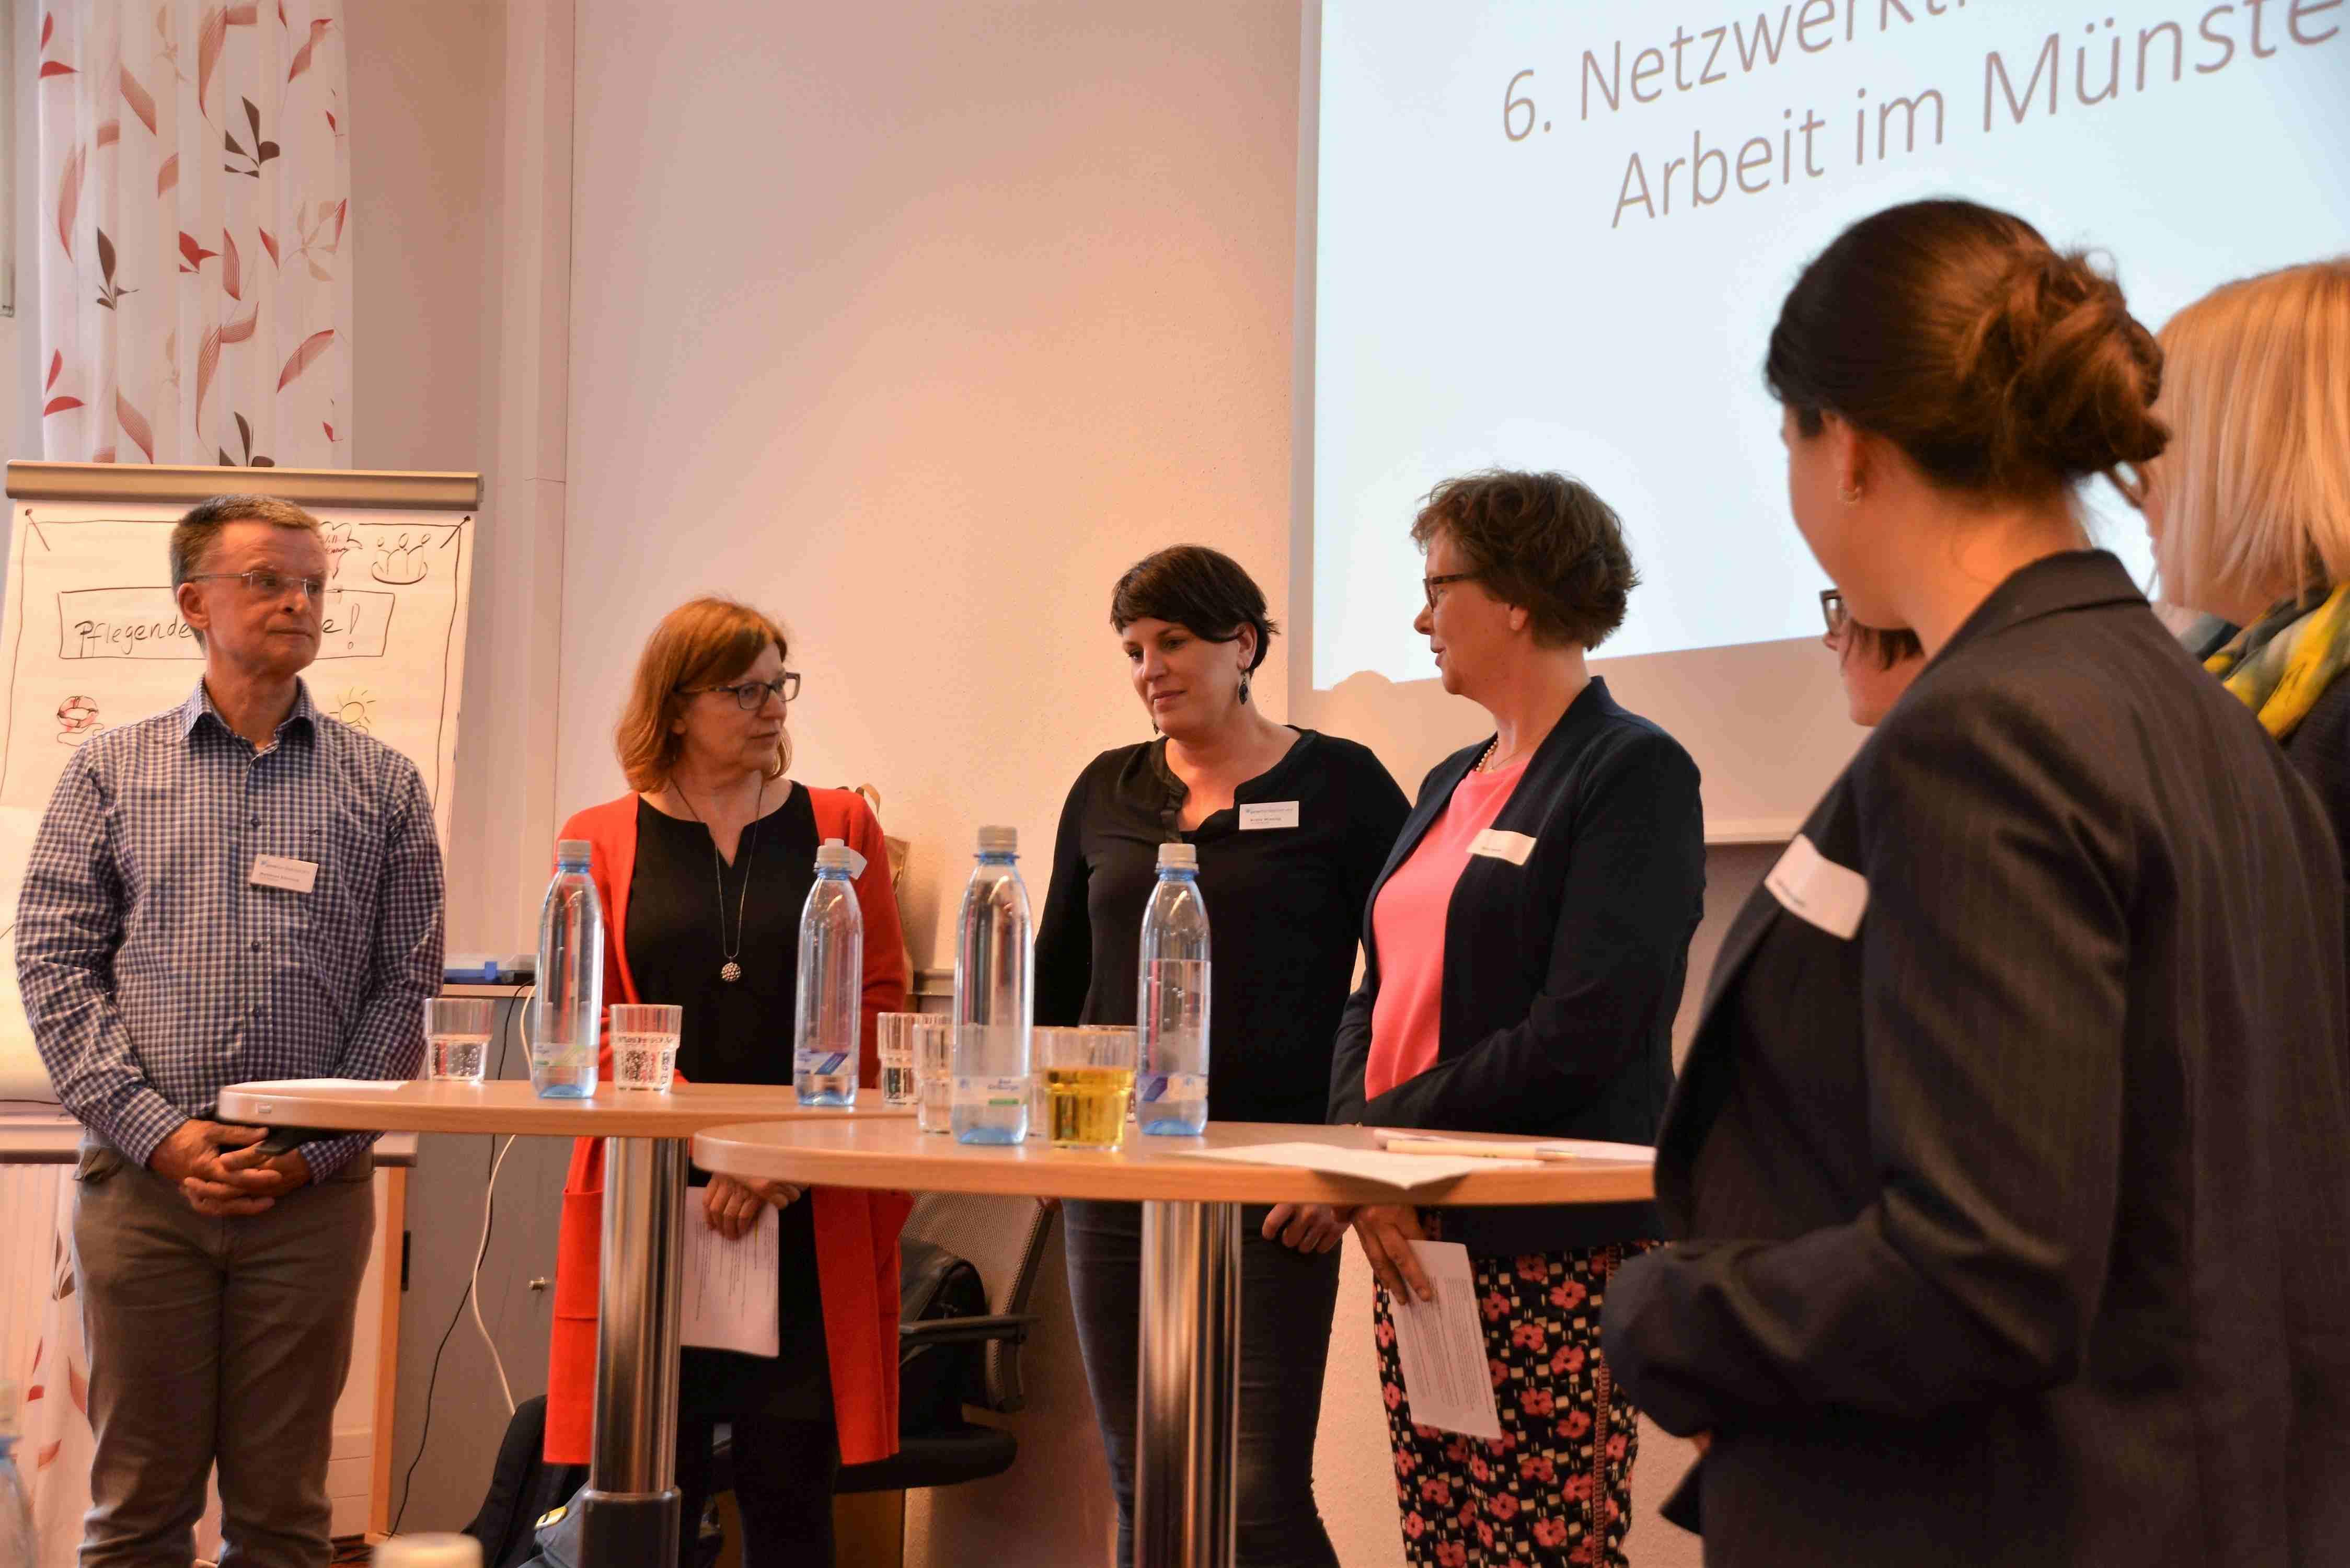 Selbstvorsorge ist das Wichtigste: Netzwerk rückt Bedürfnisse von pflegenden Angehörigen in den Fokus